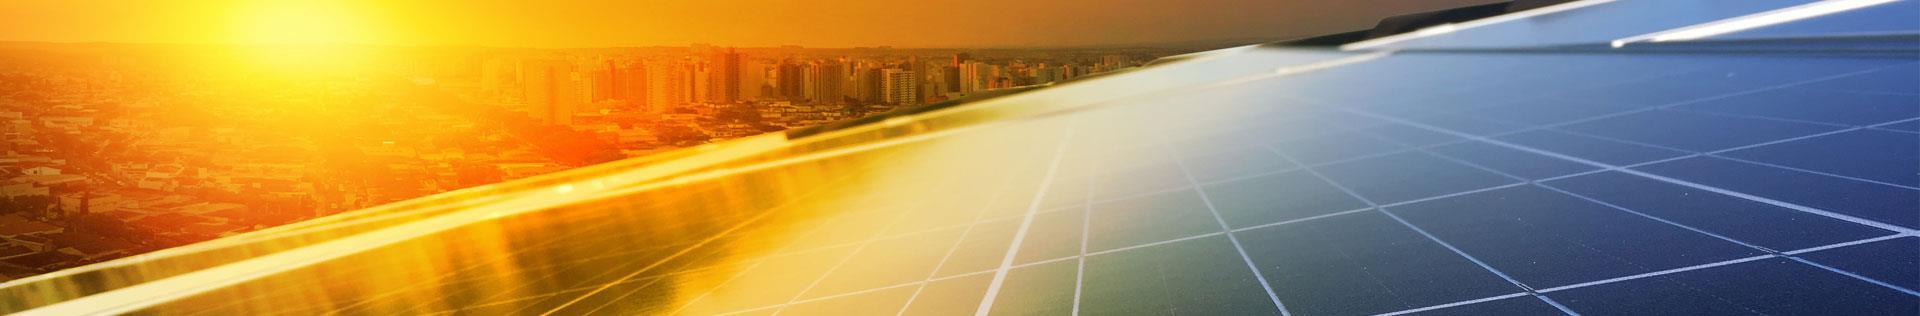 Erneuerbare Energien-Industrie-Hero